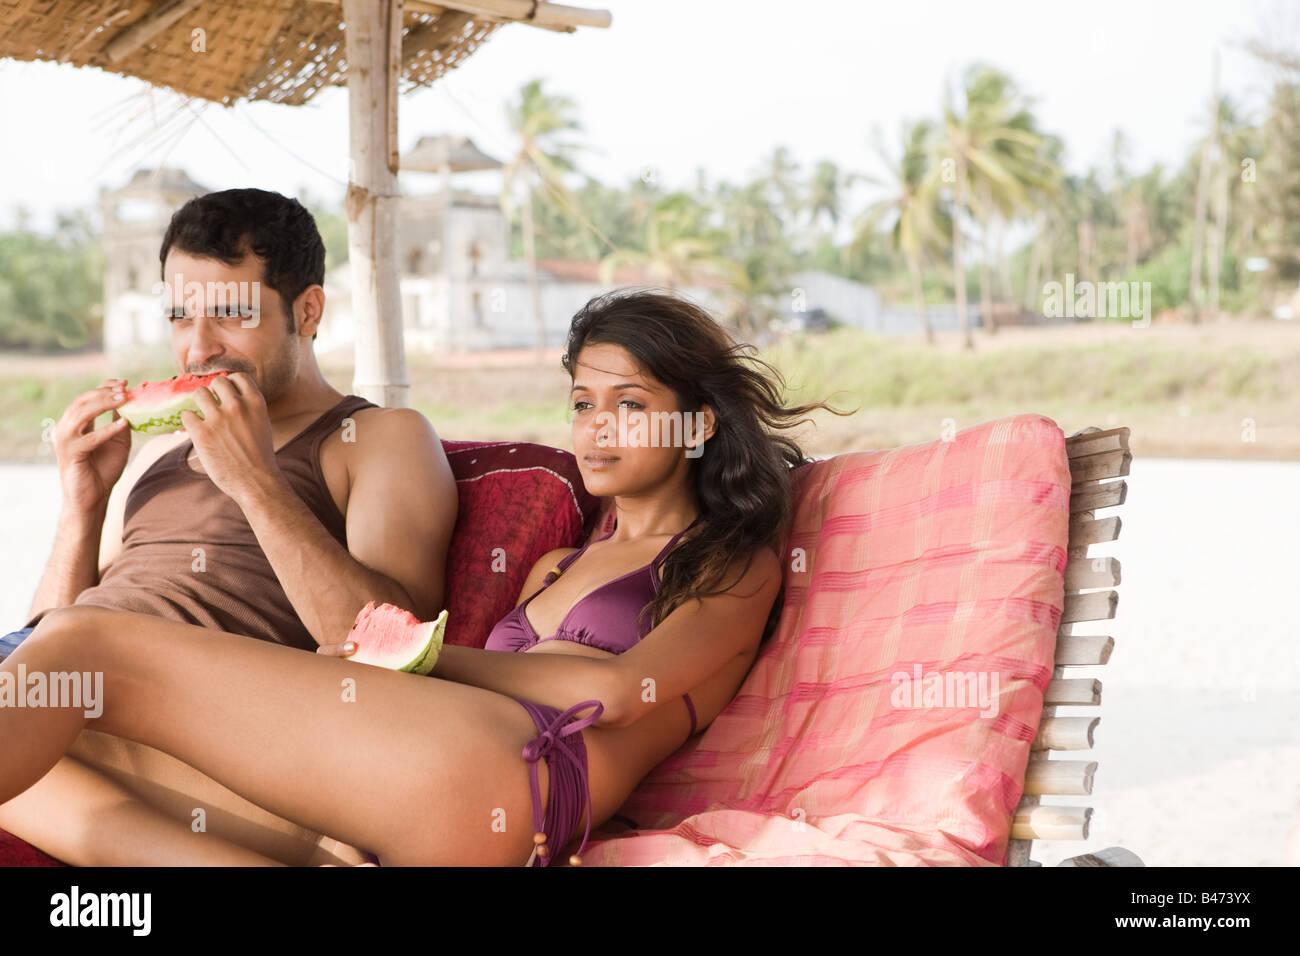 En couple avec chaises longues tranches de pastèque Photo Stock